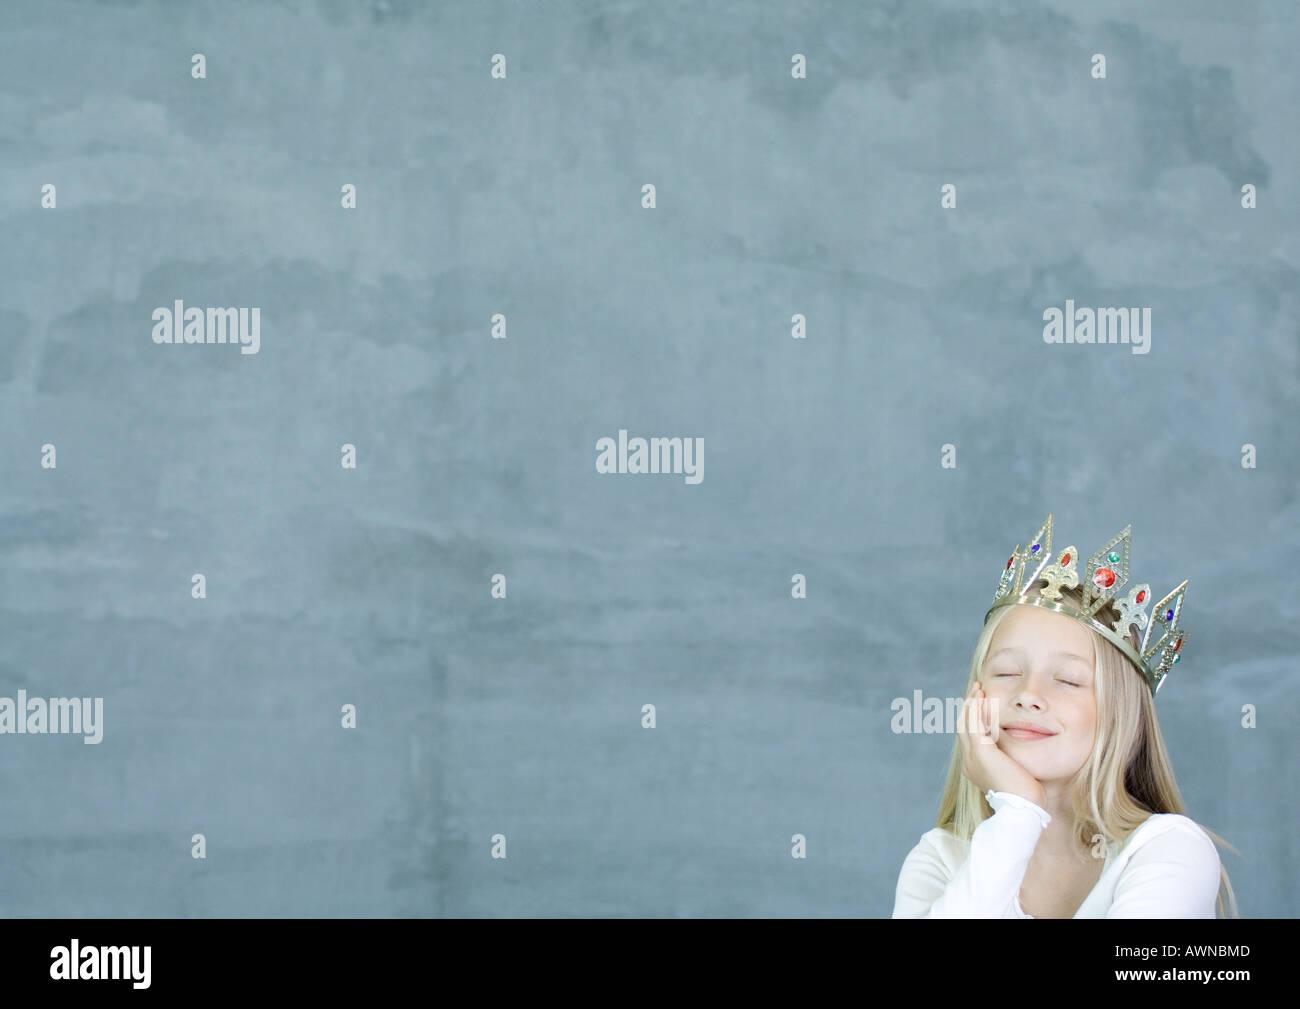 Girl wearing crown - Stock Image